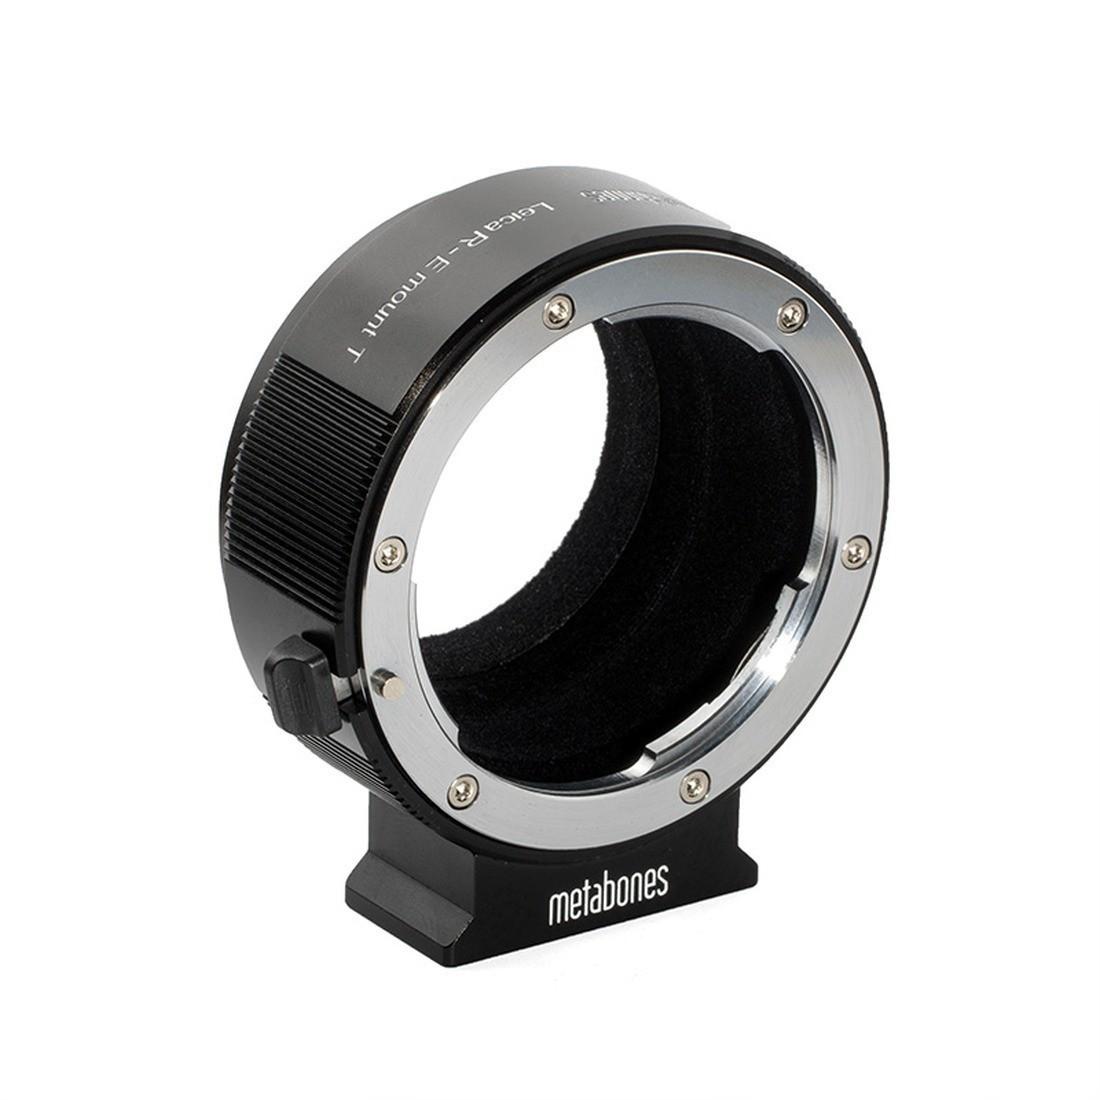 Image of metabones Leica R/Sony NEX II